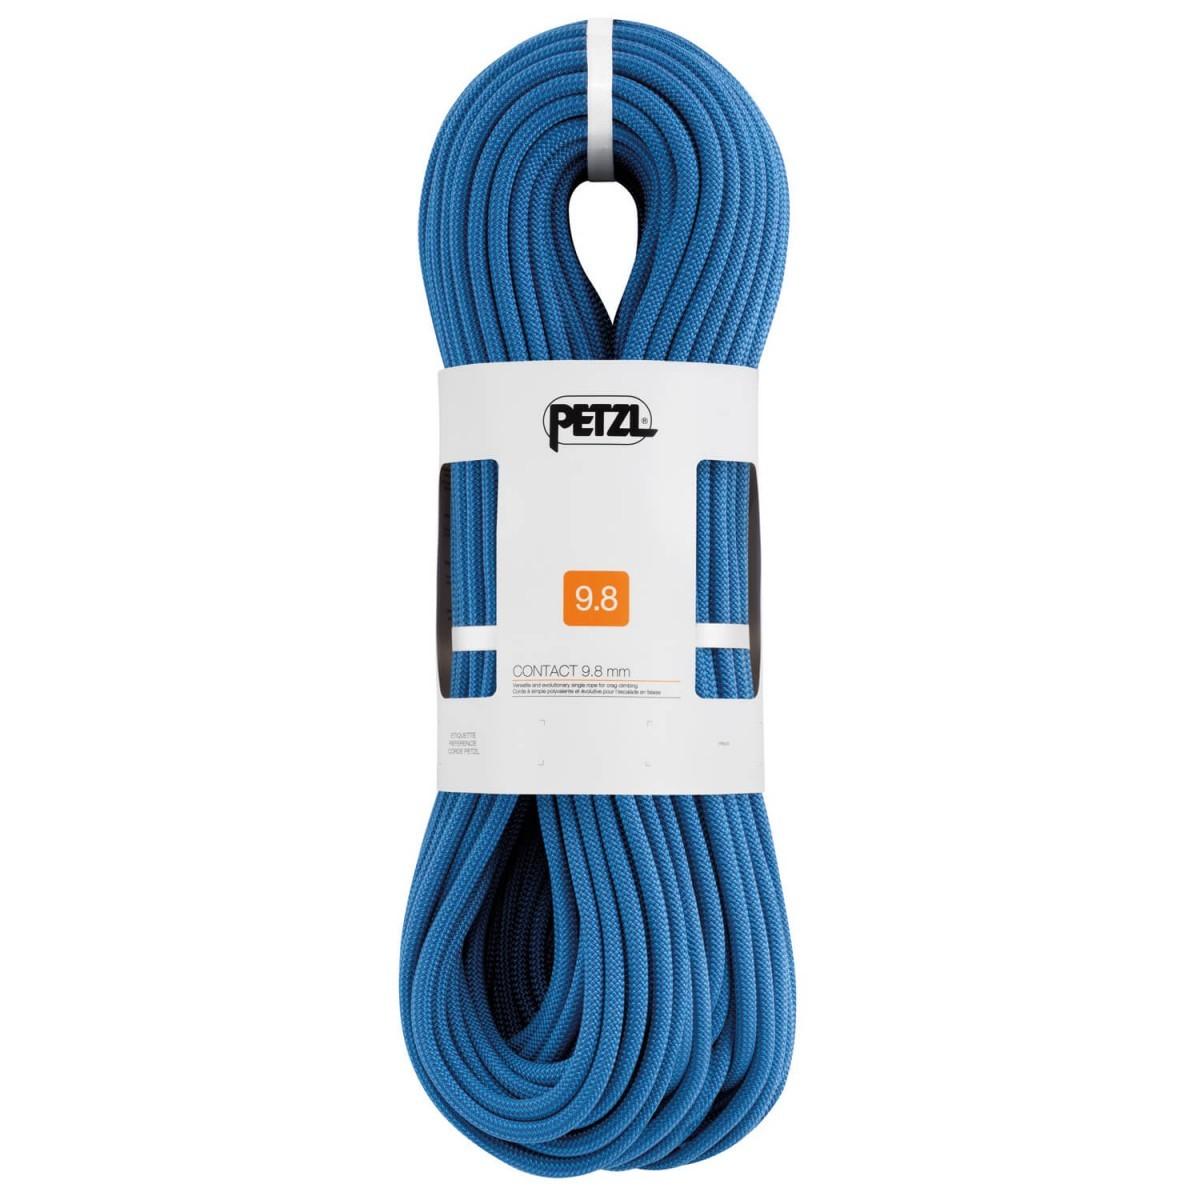 PETZL ペツル Contact 9.8(80m - Blue)★ロープ・ザイル・登山・クライミング★